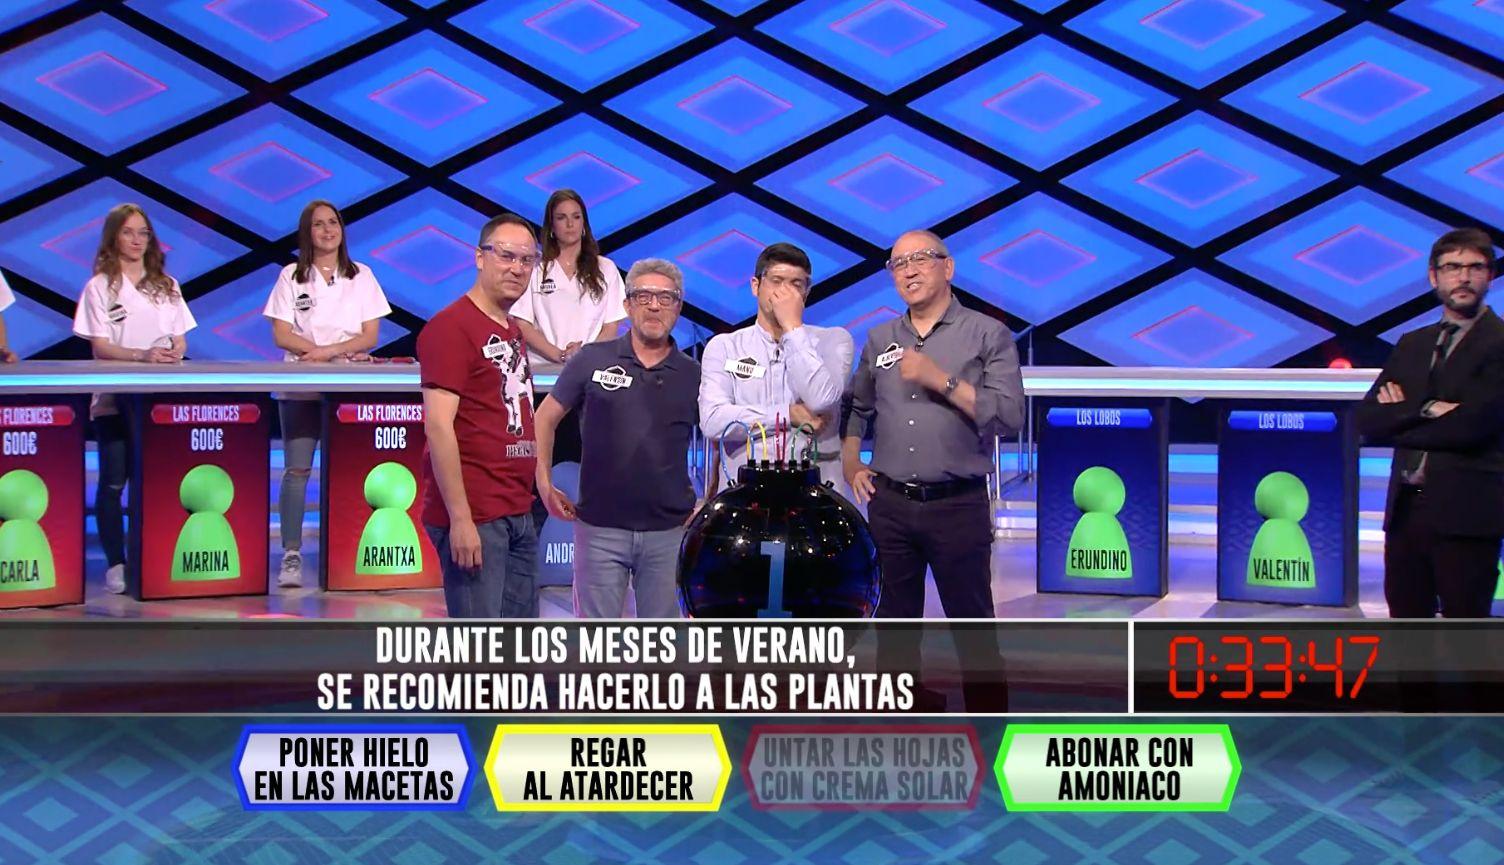 'Los Lobos' se enfrentan en 'Boom' (Antena 3) a la pregunta más obvia que se